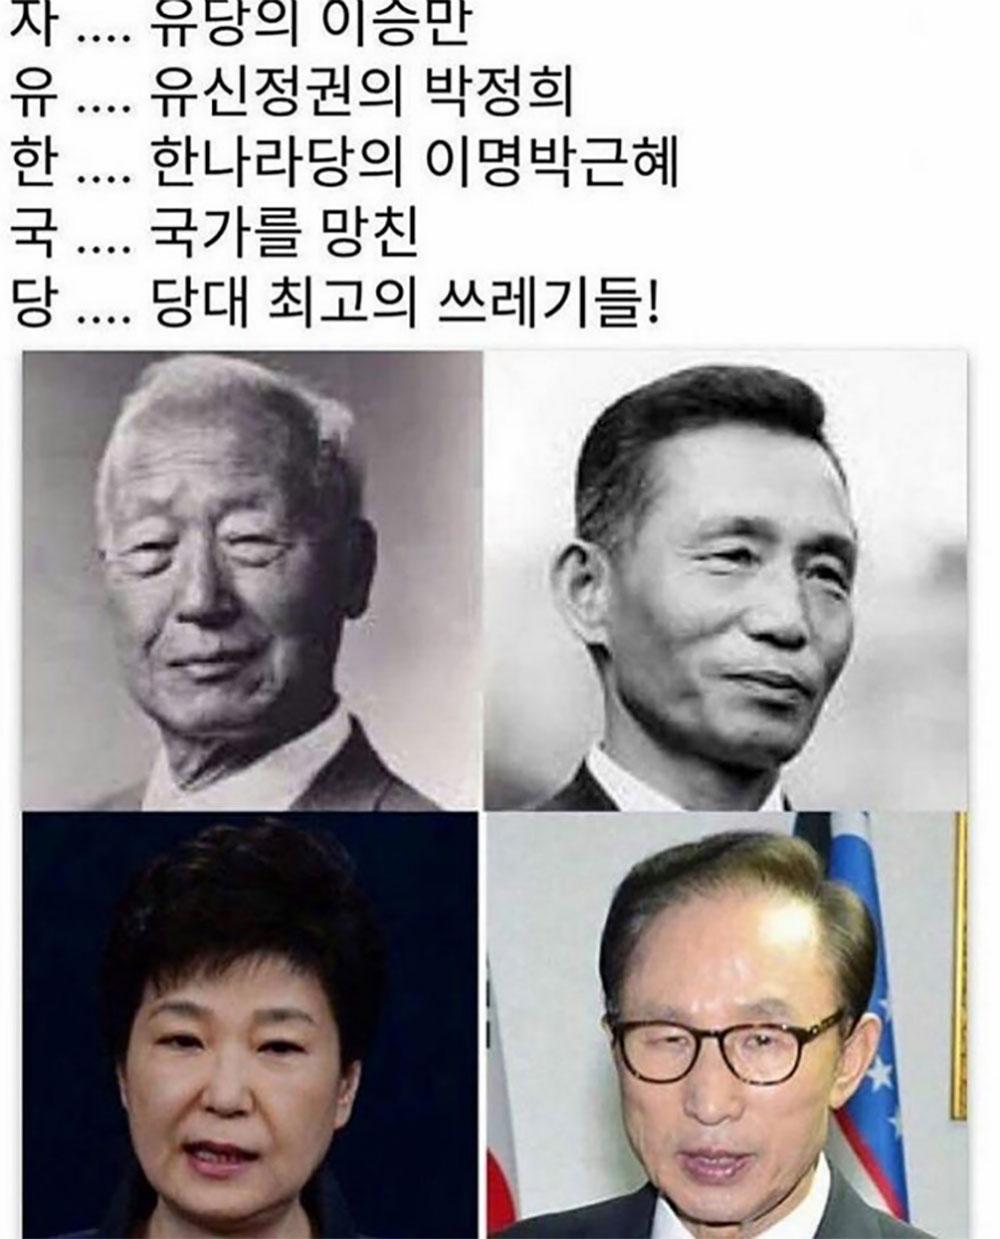 자유한국당 5행시 이벤트 장원급제 감이라는 댓글은 과연 무엇?